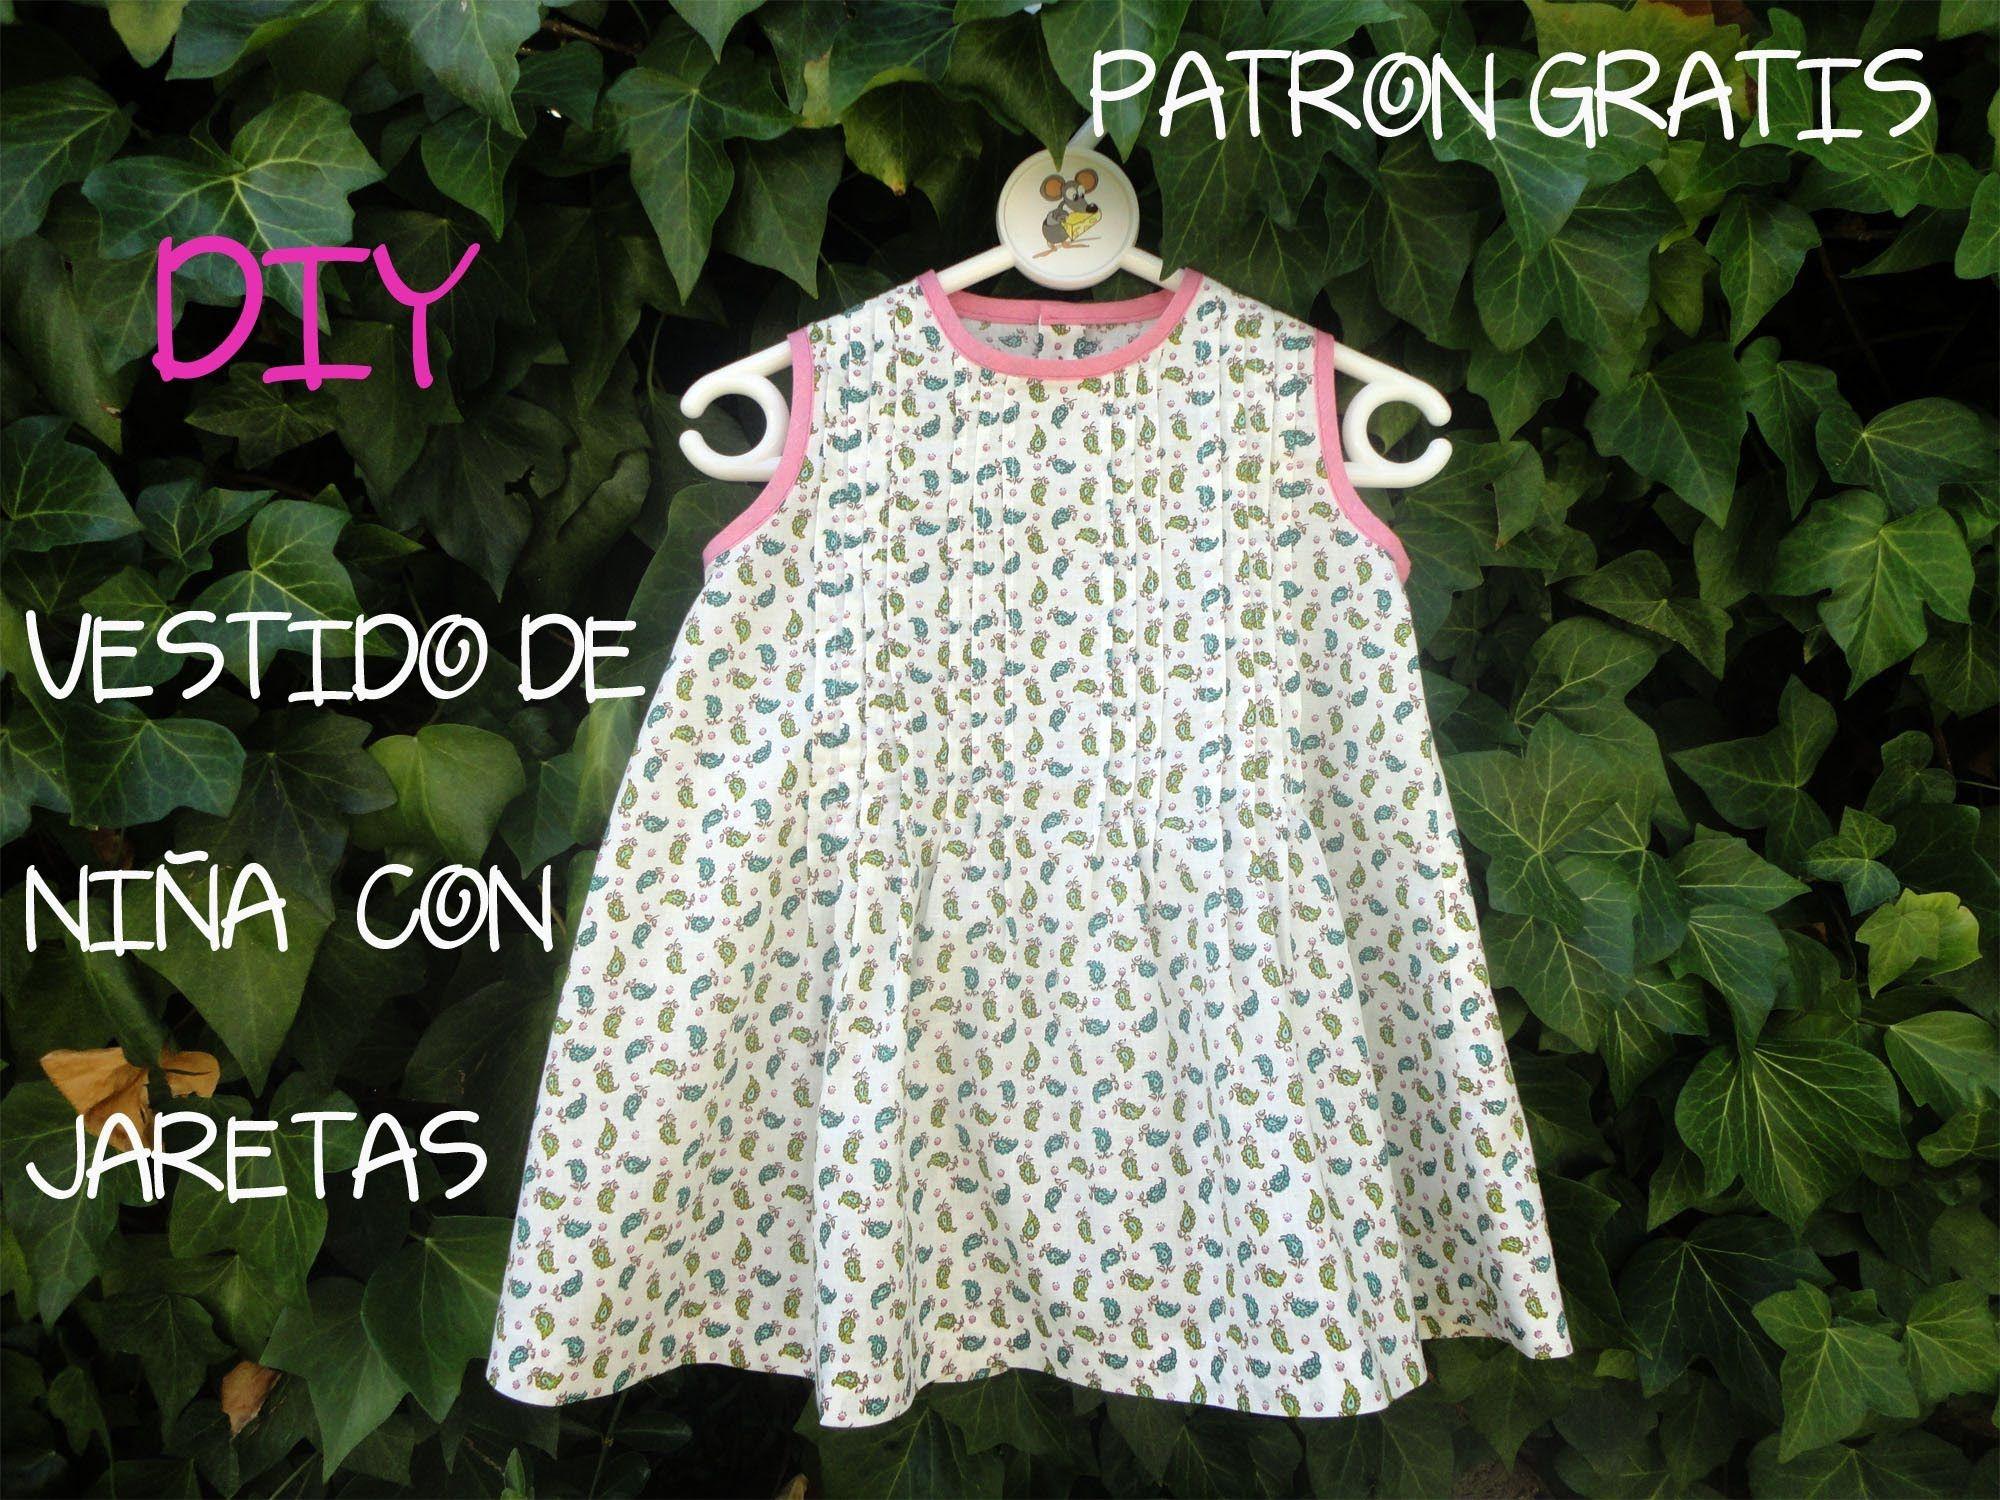 Como hacer un vestido de niña con jaretas, patrón gratis: Diy ...